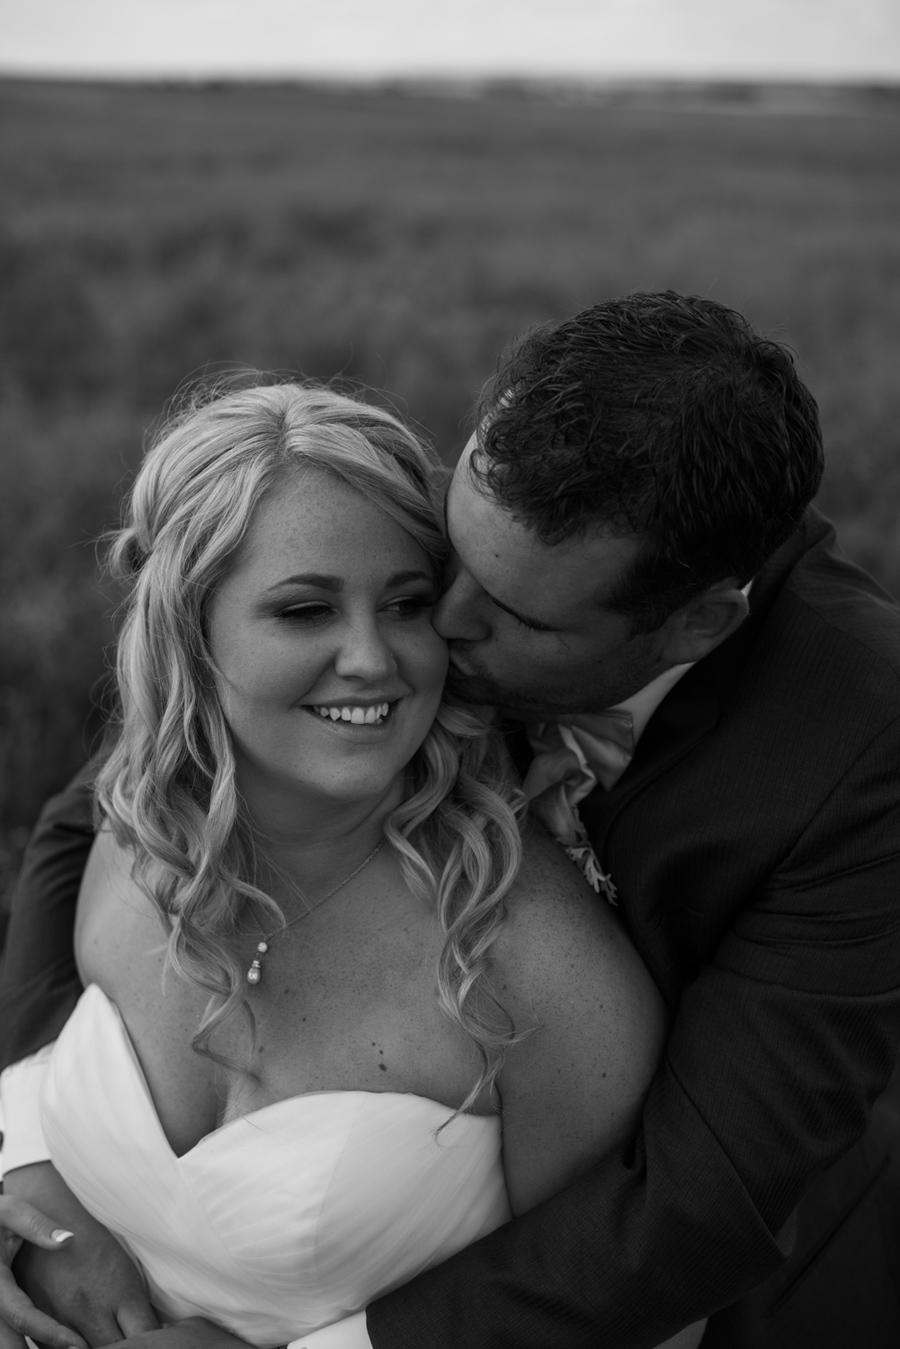 bbcollective_yeg_2016_ashleyandcraig_wedding_photography052.jpg